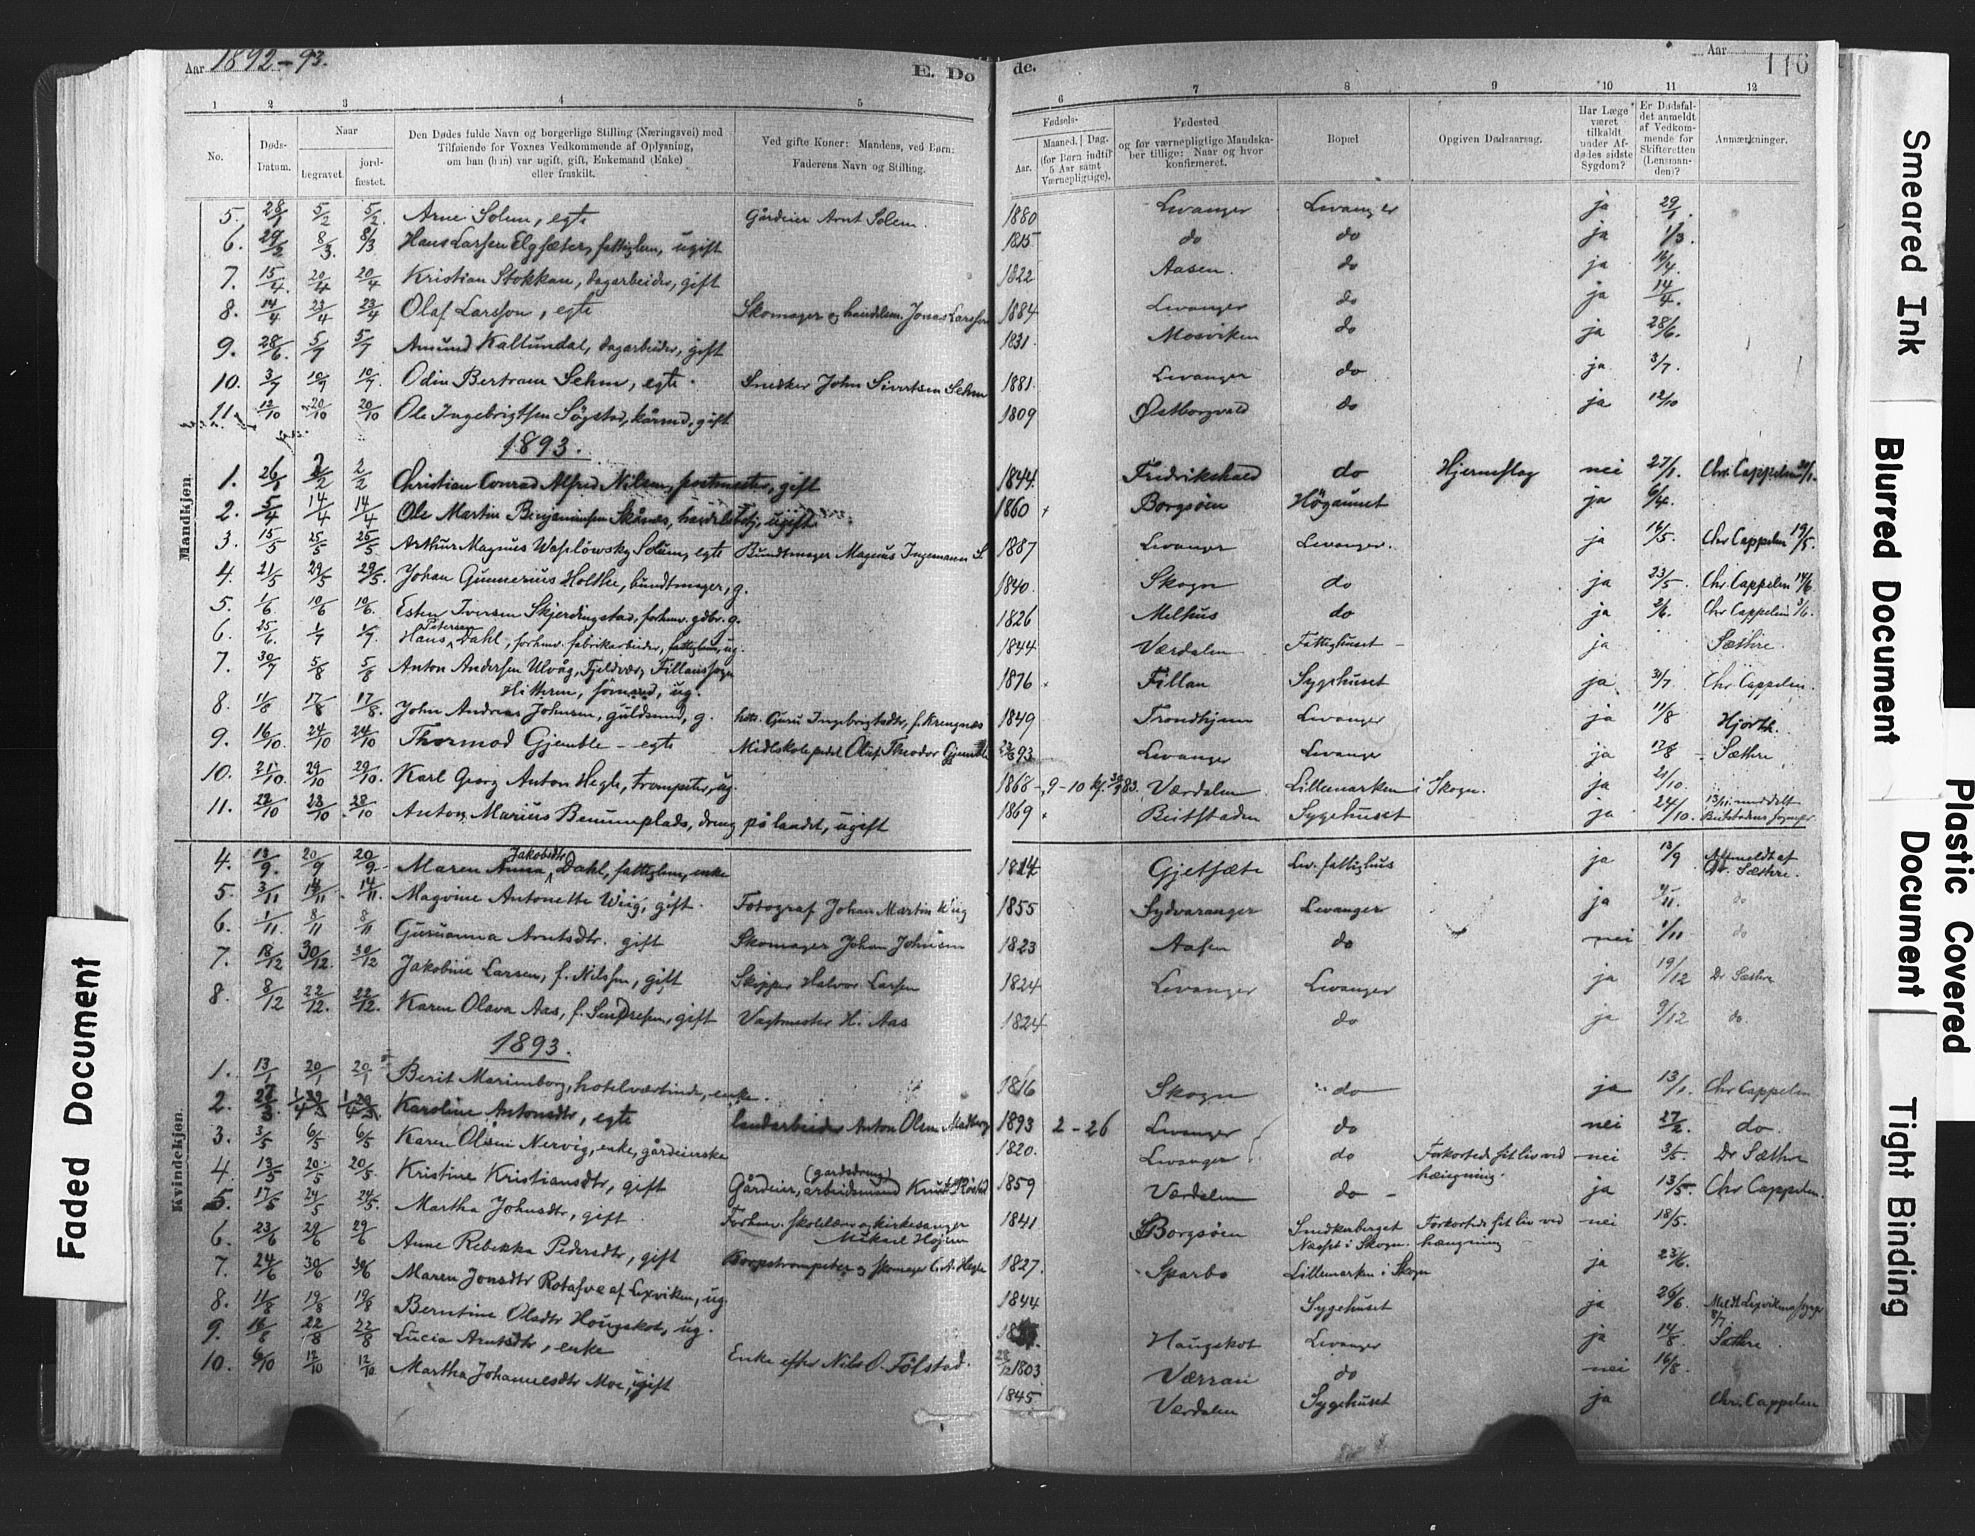 SAT, Ministerialprotokoller, klokkerbøker og fødselsregistre - Nord-Trøndelag, 720/L0189: Ministerialbok nr. 720A05, 1880-1911, s. 116